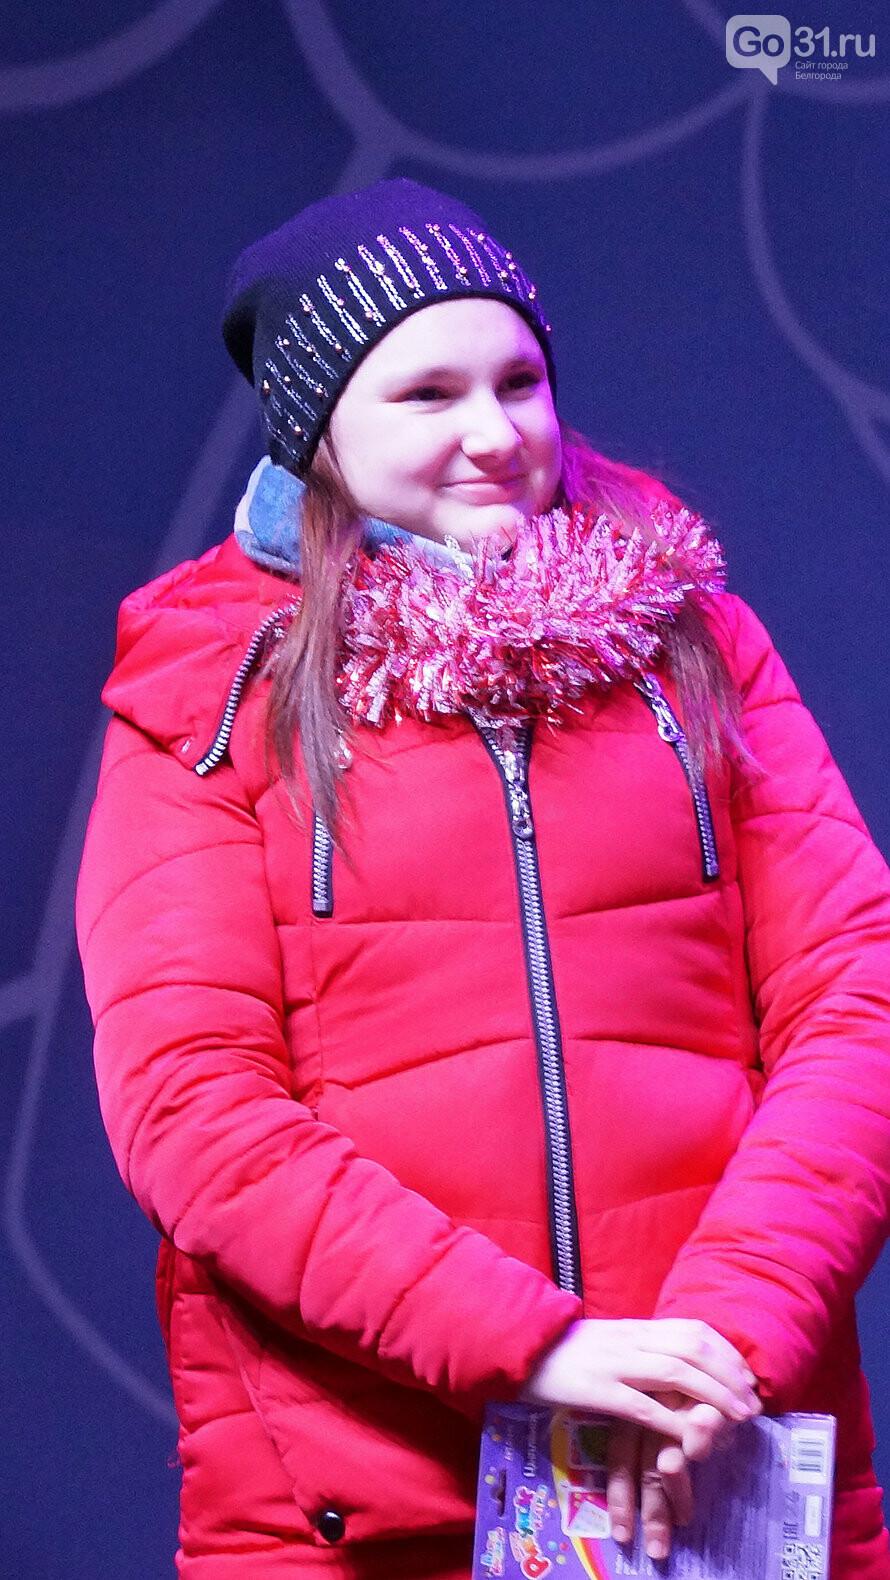 Белгород встретил 2020 год песнями и танцами на Соборной площади, фото-13